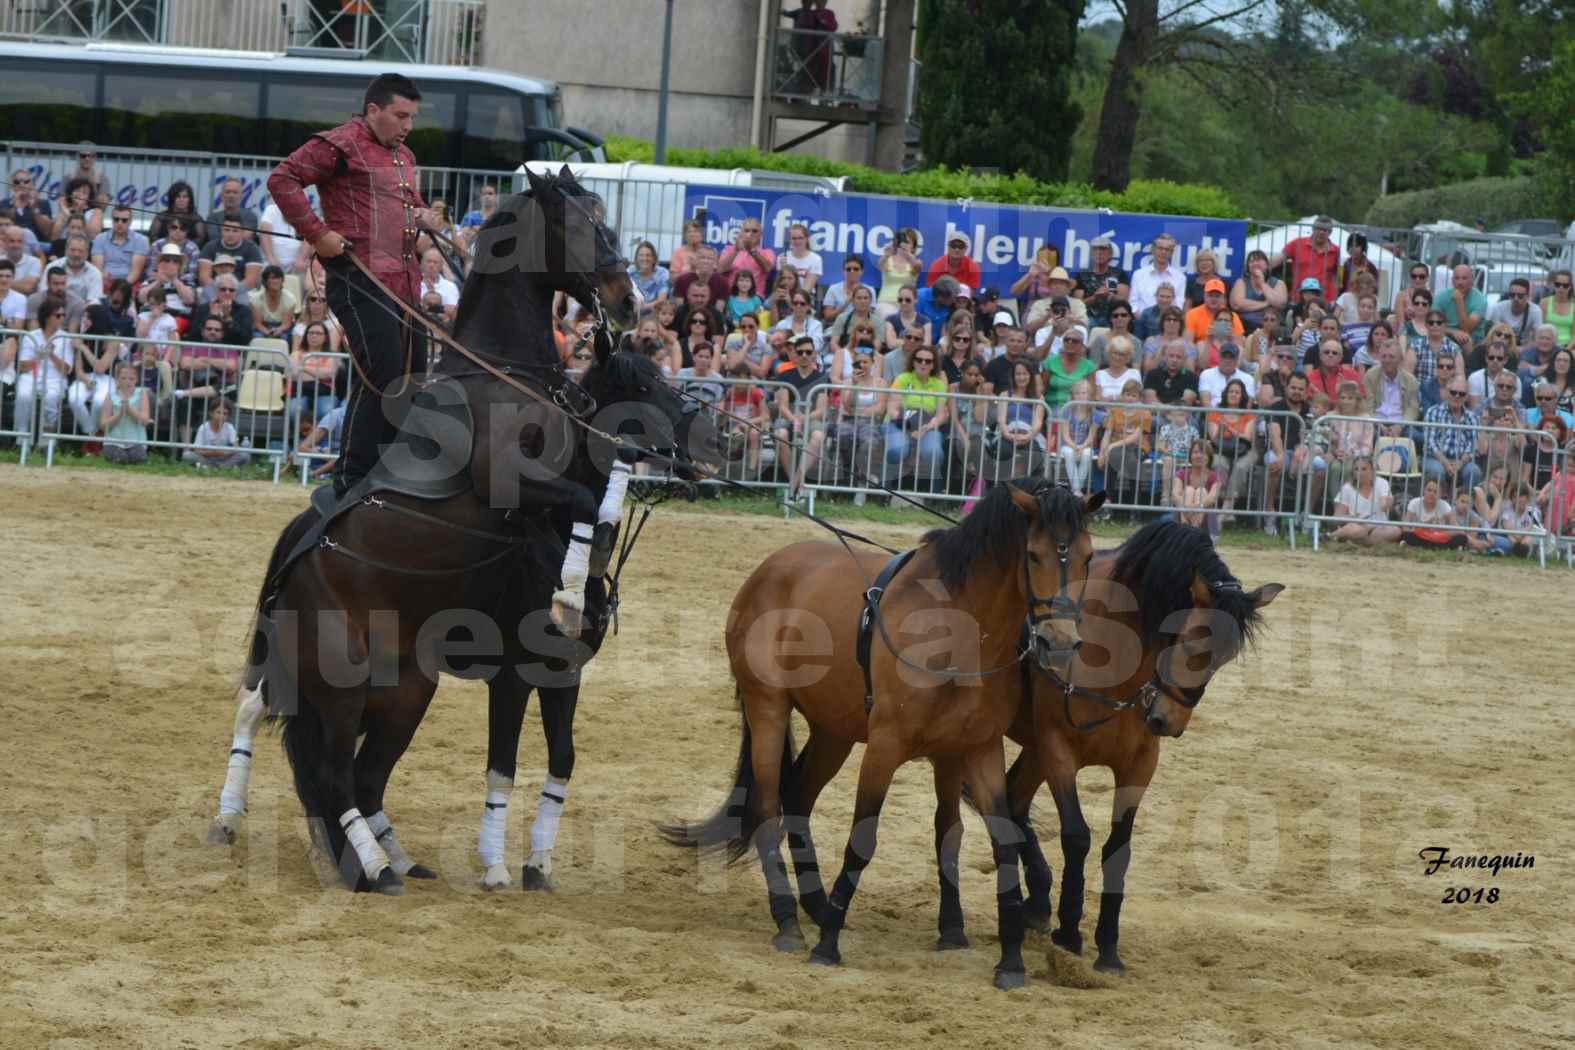 Spectacle Équestre le 3 juin 2018 à Saint Gély du Fesc - Poste Hongroise de 2 à 6 chevaux - Benoît SOUMILLE - 09